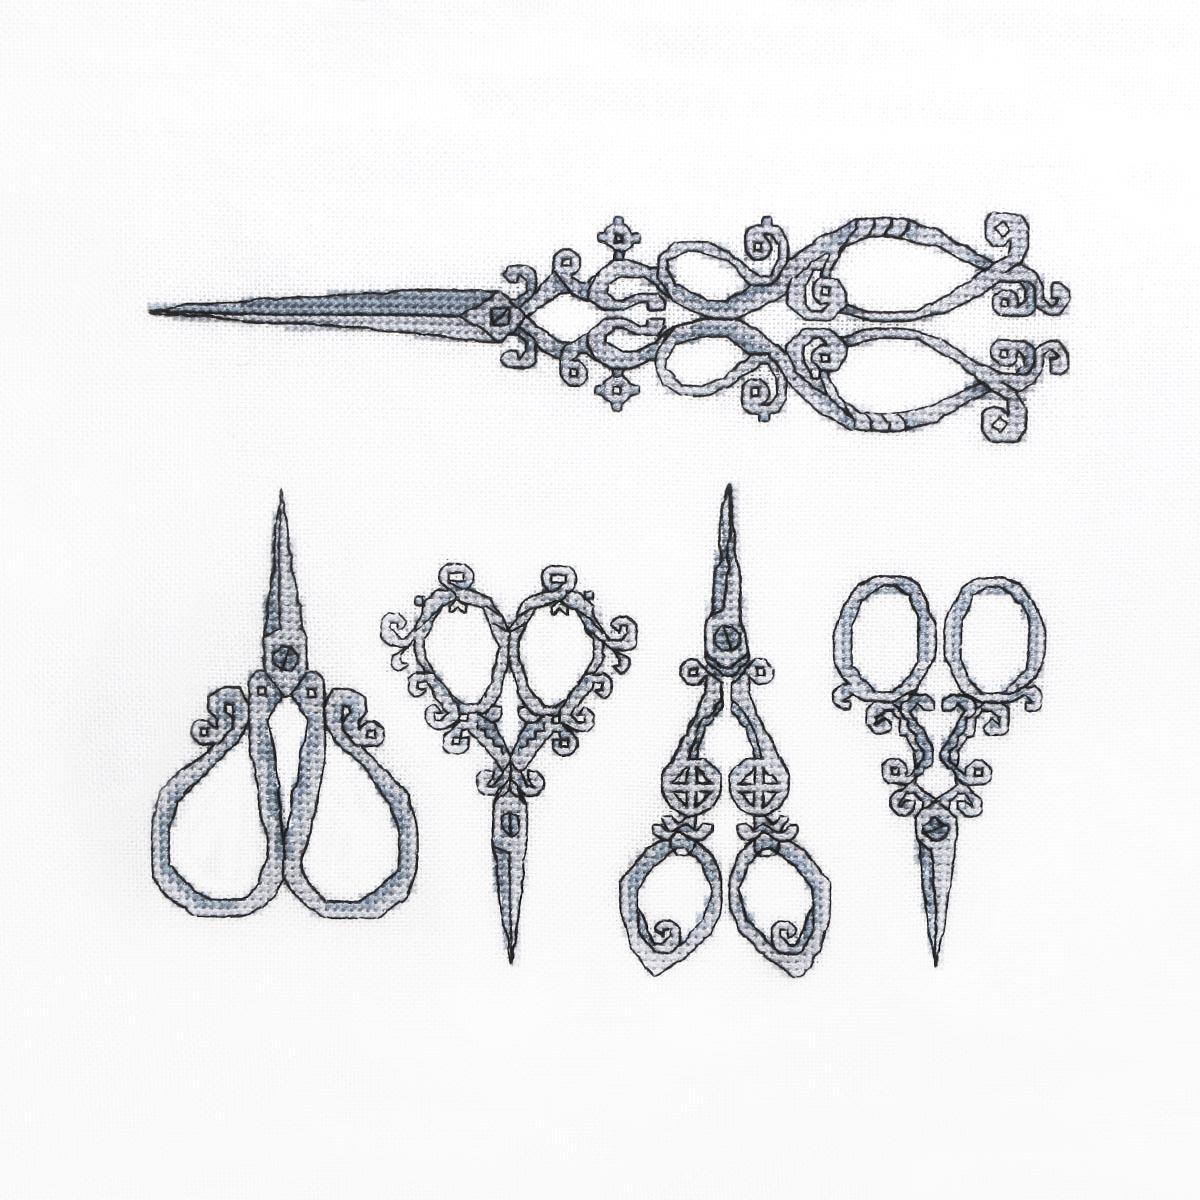 А-972 Набор для вышивания Hobby&Pro 'Ножницы' 17,5*14,5см